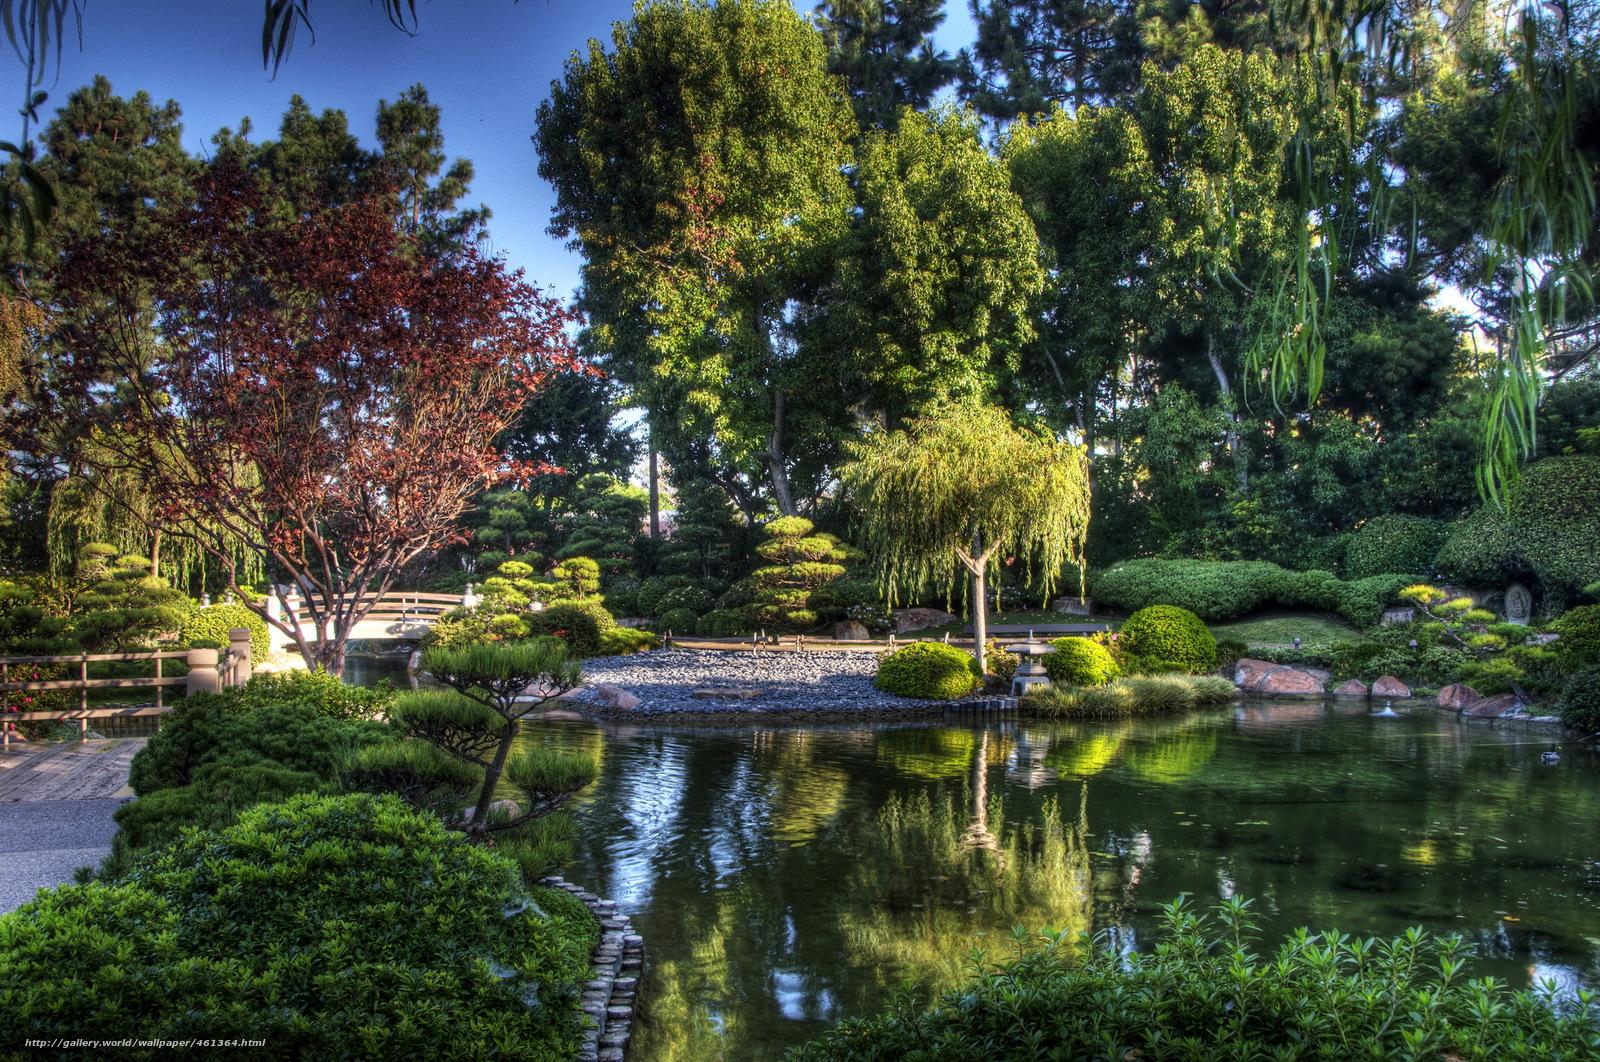 Scaricare gli sfondi giardini earl ustioni mugnaio for Manuale progettazione giardini